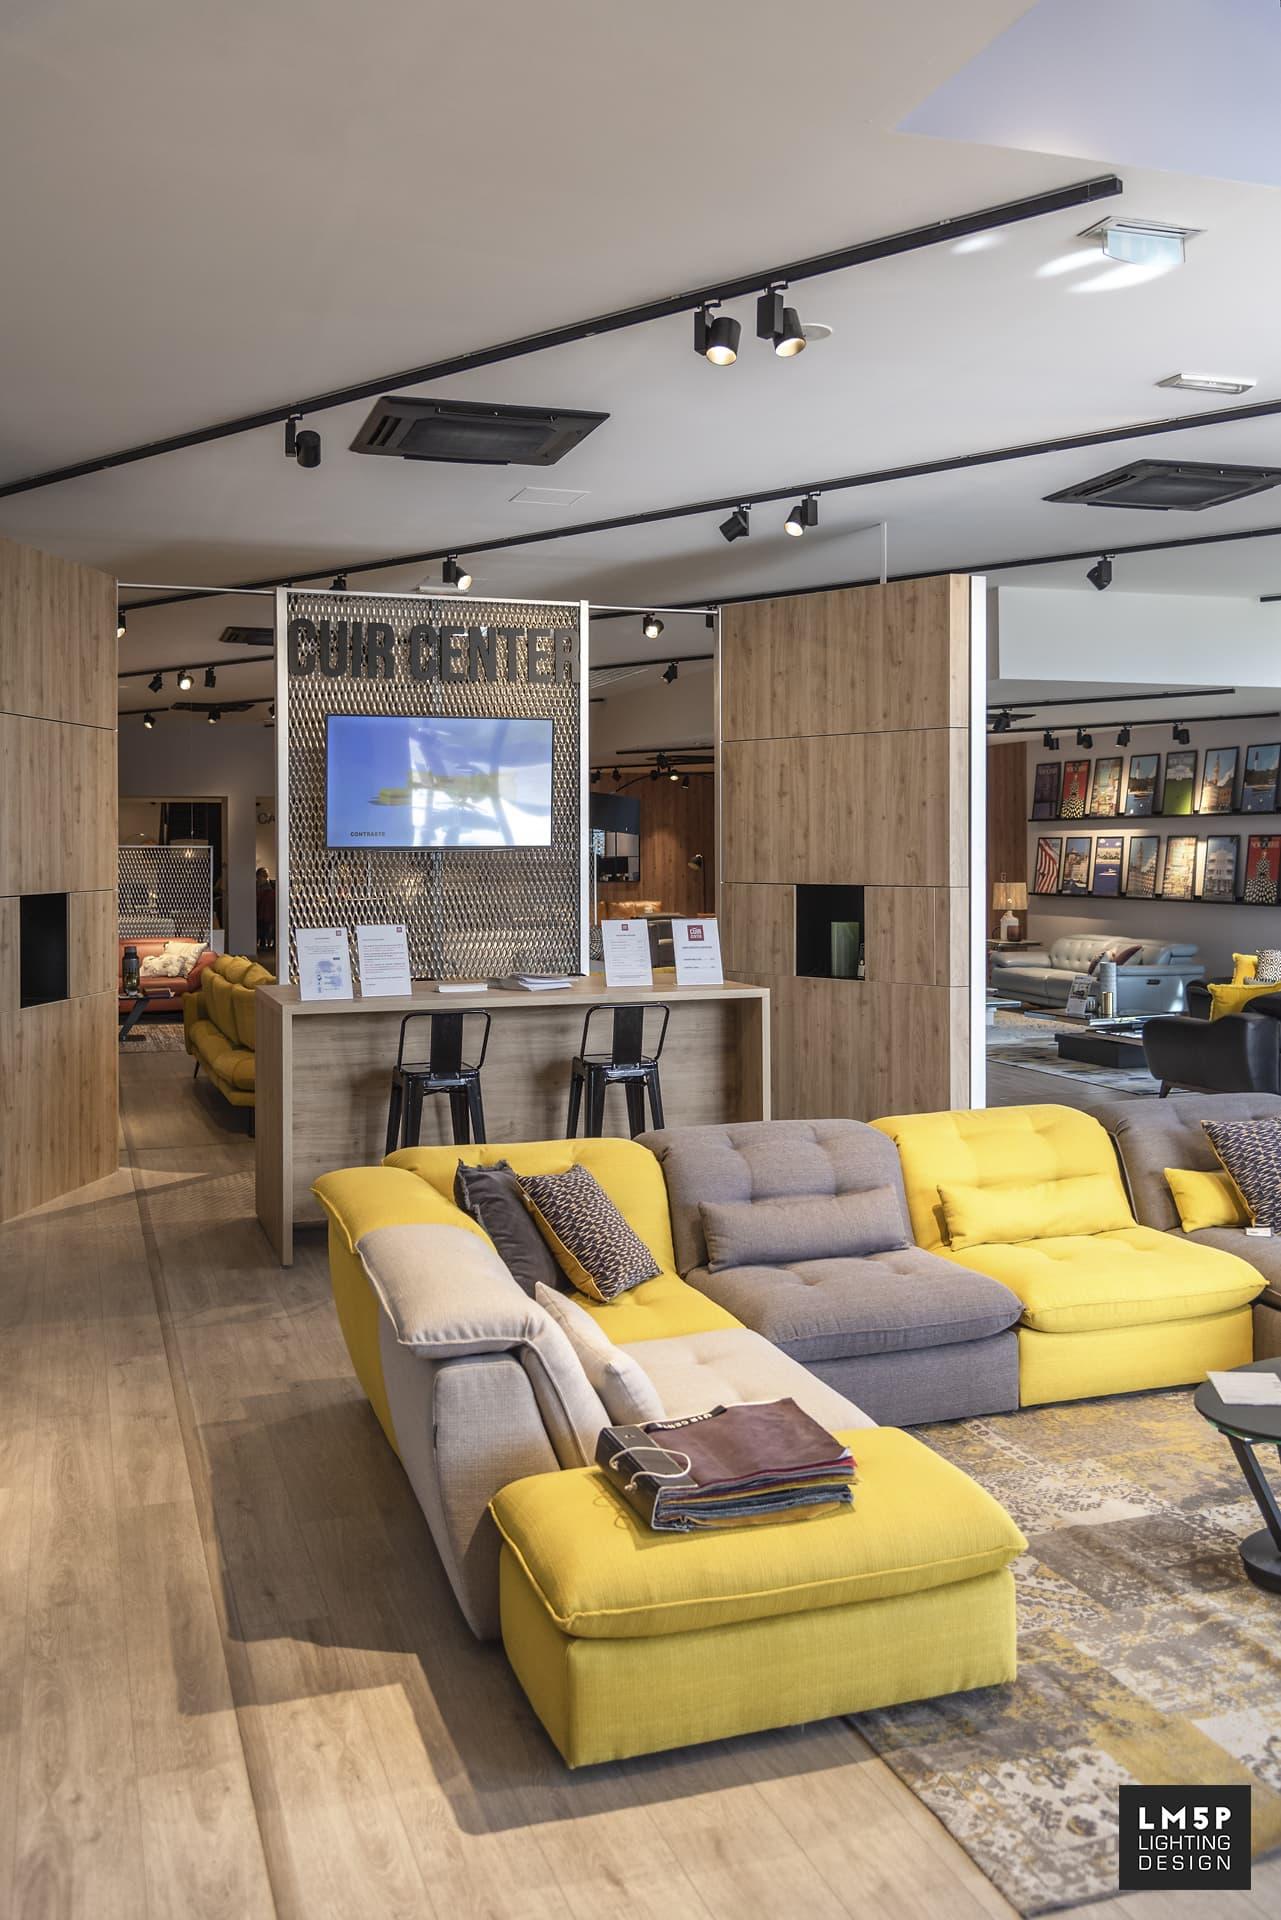 canapé bicolore (jaune et gris) sous des spots de chez nobile dans le magasin cuir center